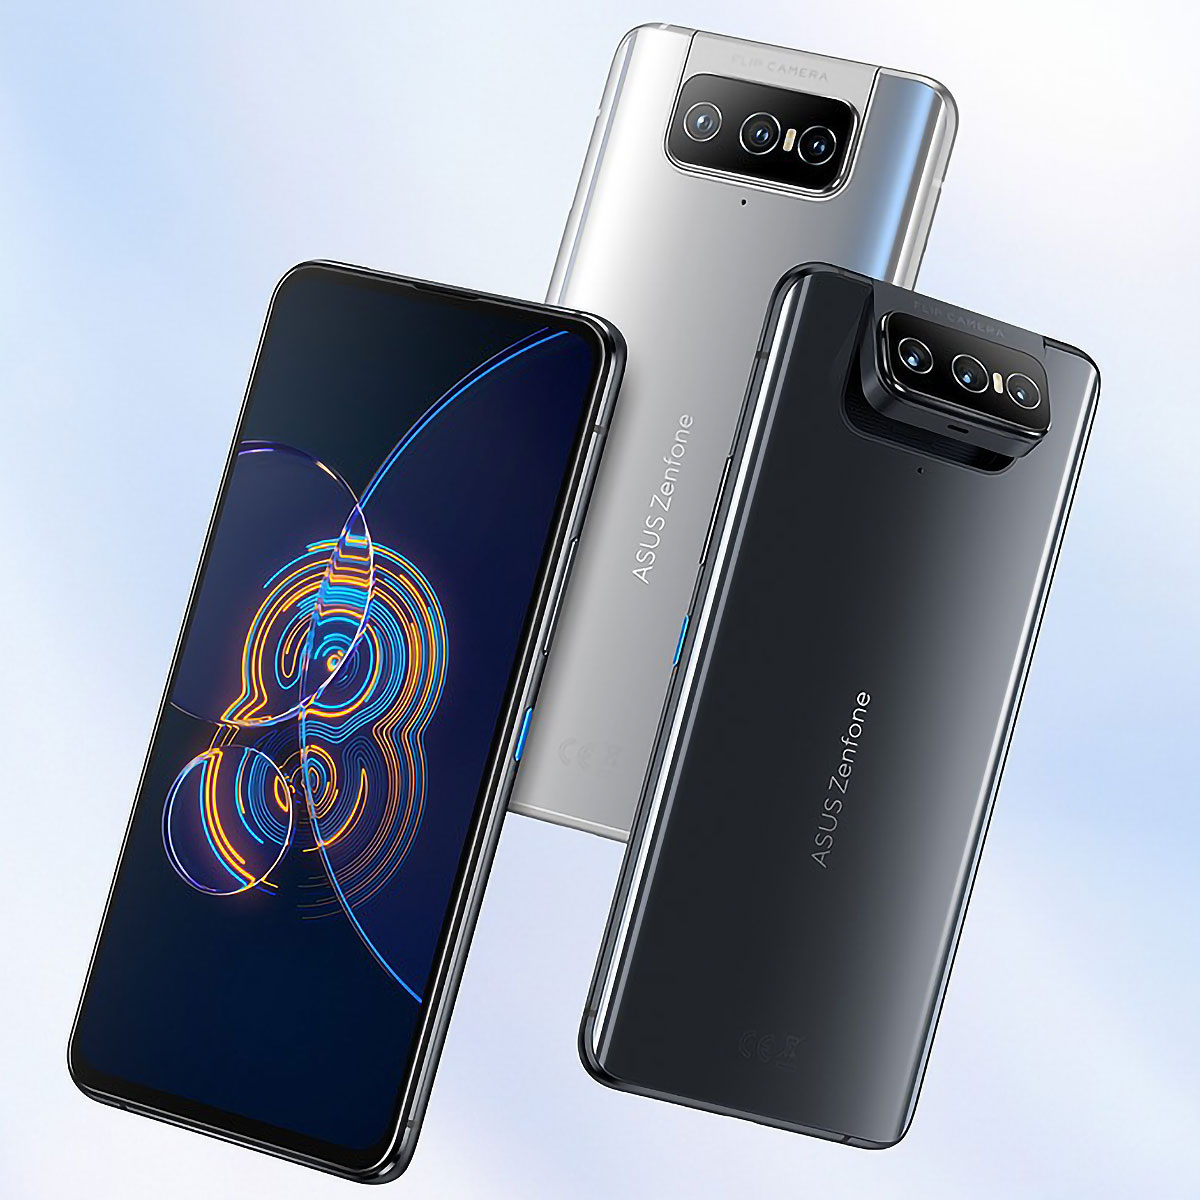 ASUS Zenfone 8 Flip Smartphone